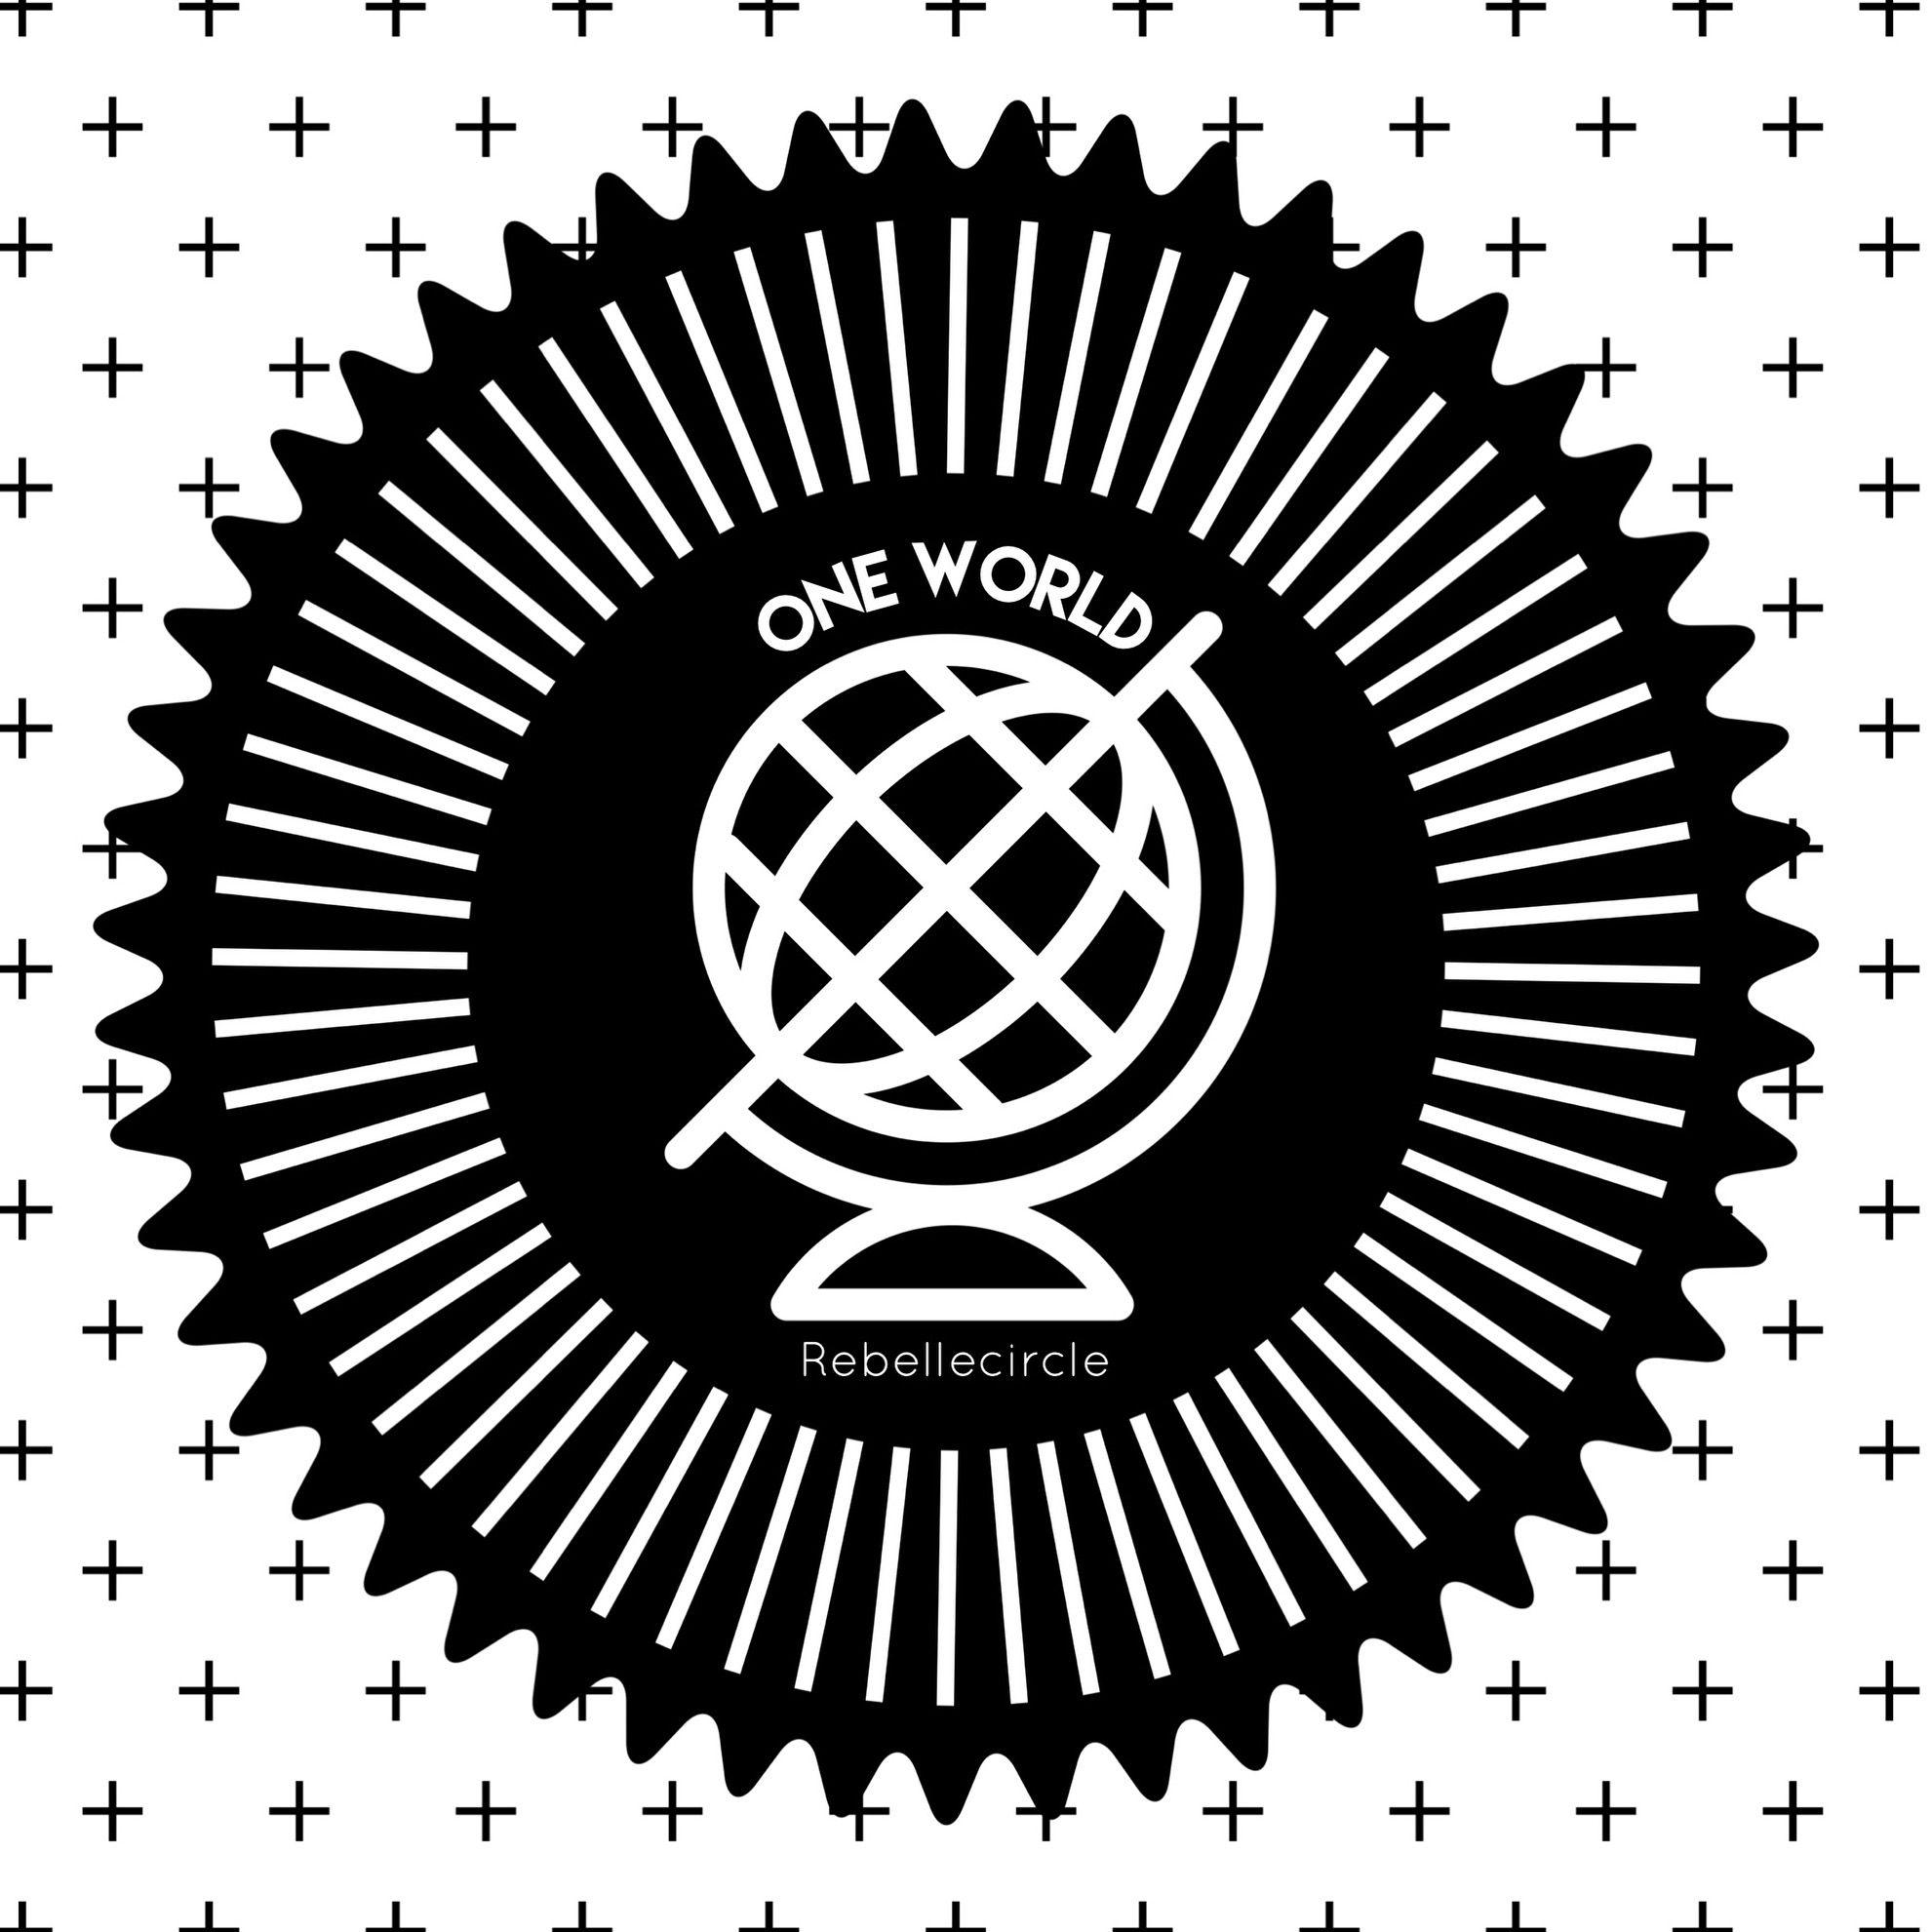 Pin de Nelson Rebellecircle Diseño en Rebellecircle